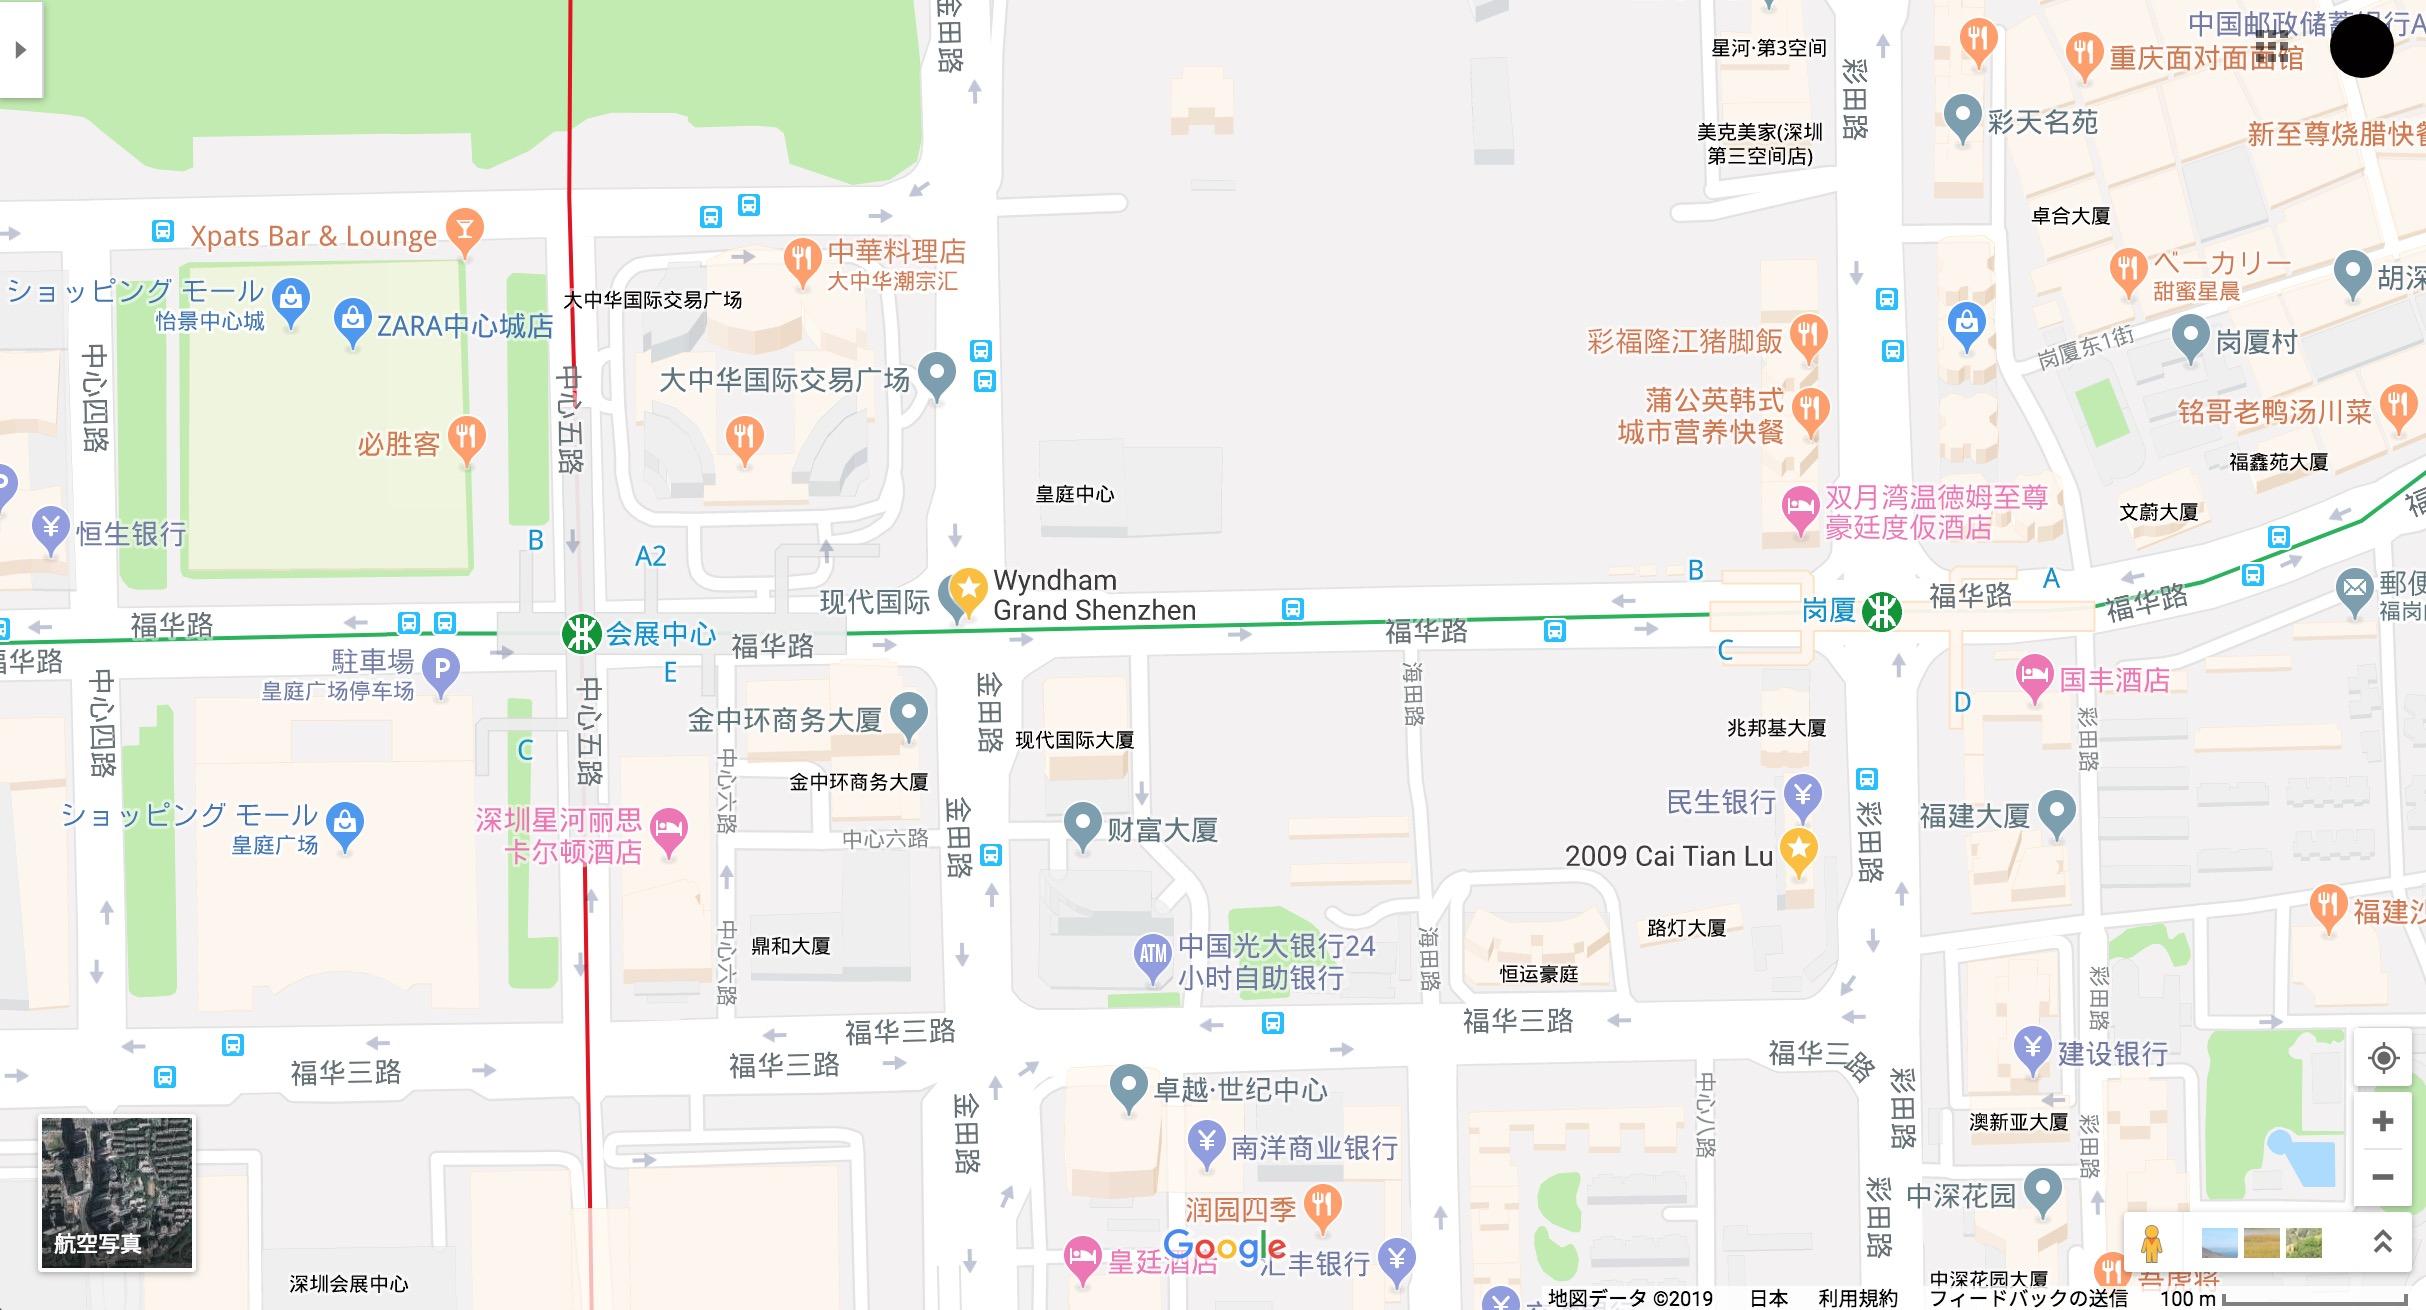 GoogleMapにおける中国深セン Wyndham Grand Hotelの位置あやまり